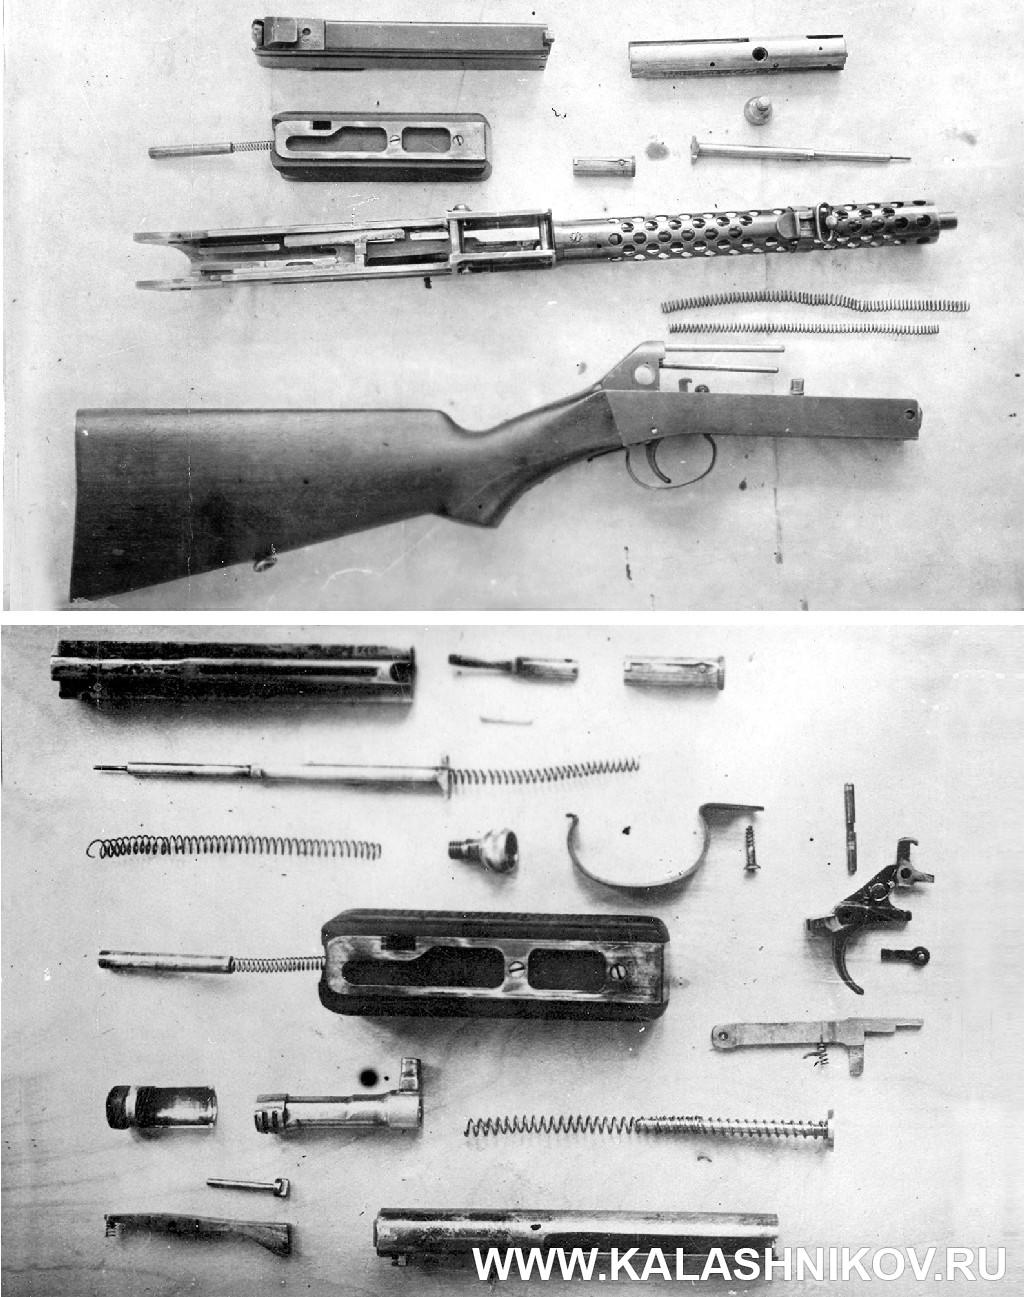 Пистолет-пулемёт Прилуцкого, полная разборка. Журнал Калашников